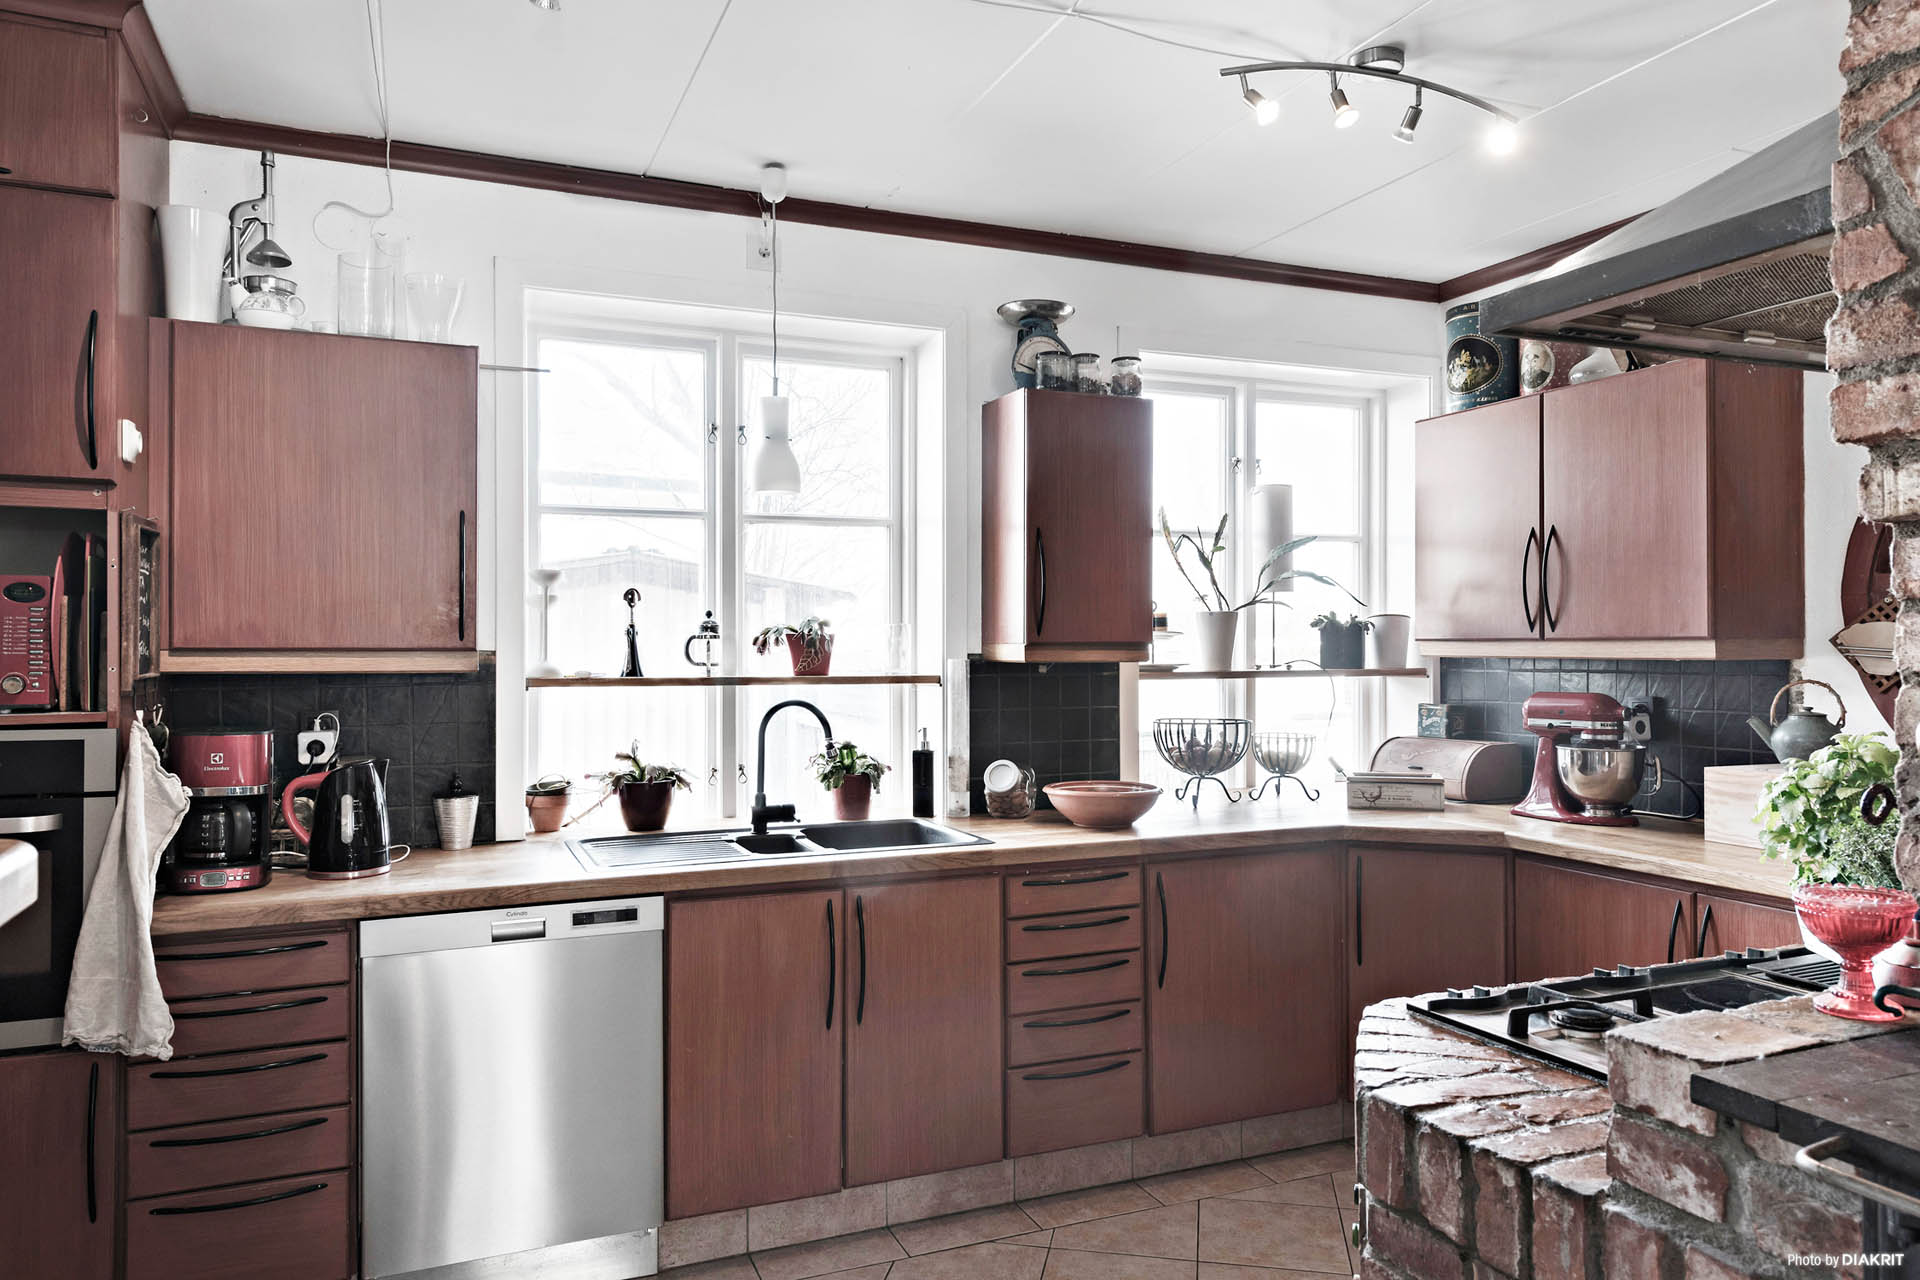 Trivsamt kök där allt finns nära till hands.